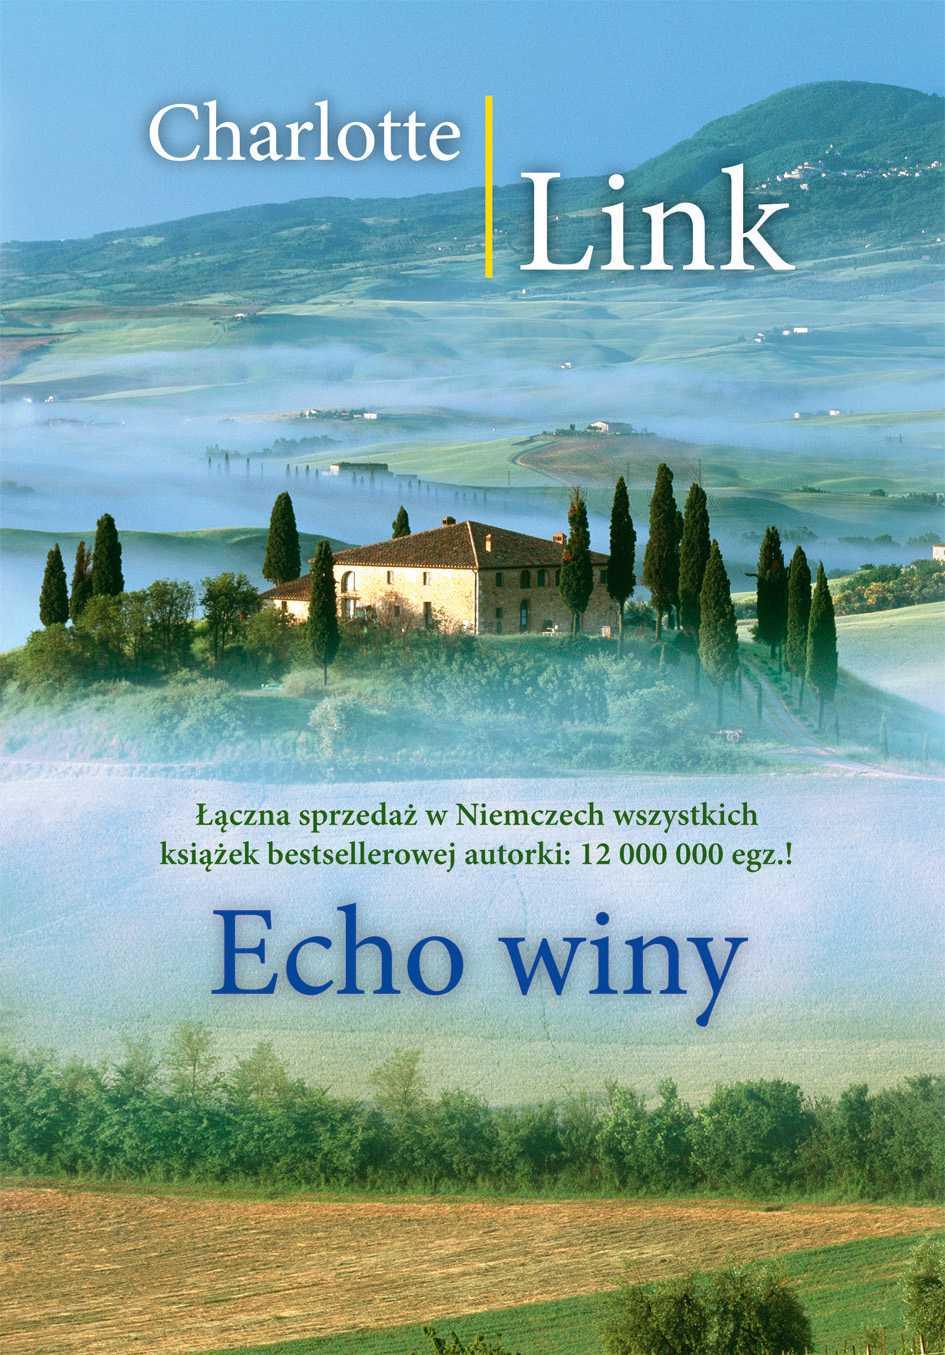 Echo winy - Ebook (Książka EPUB) do pobrania w formacie EPUB